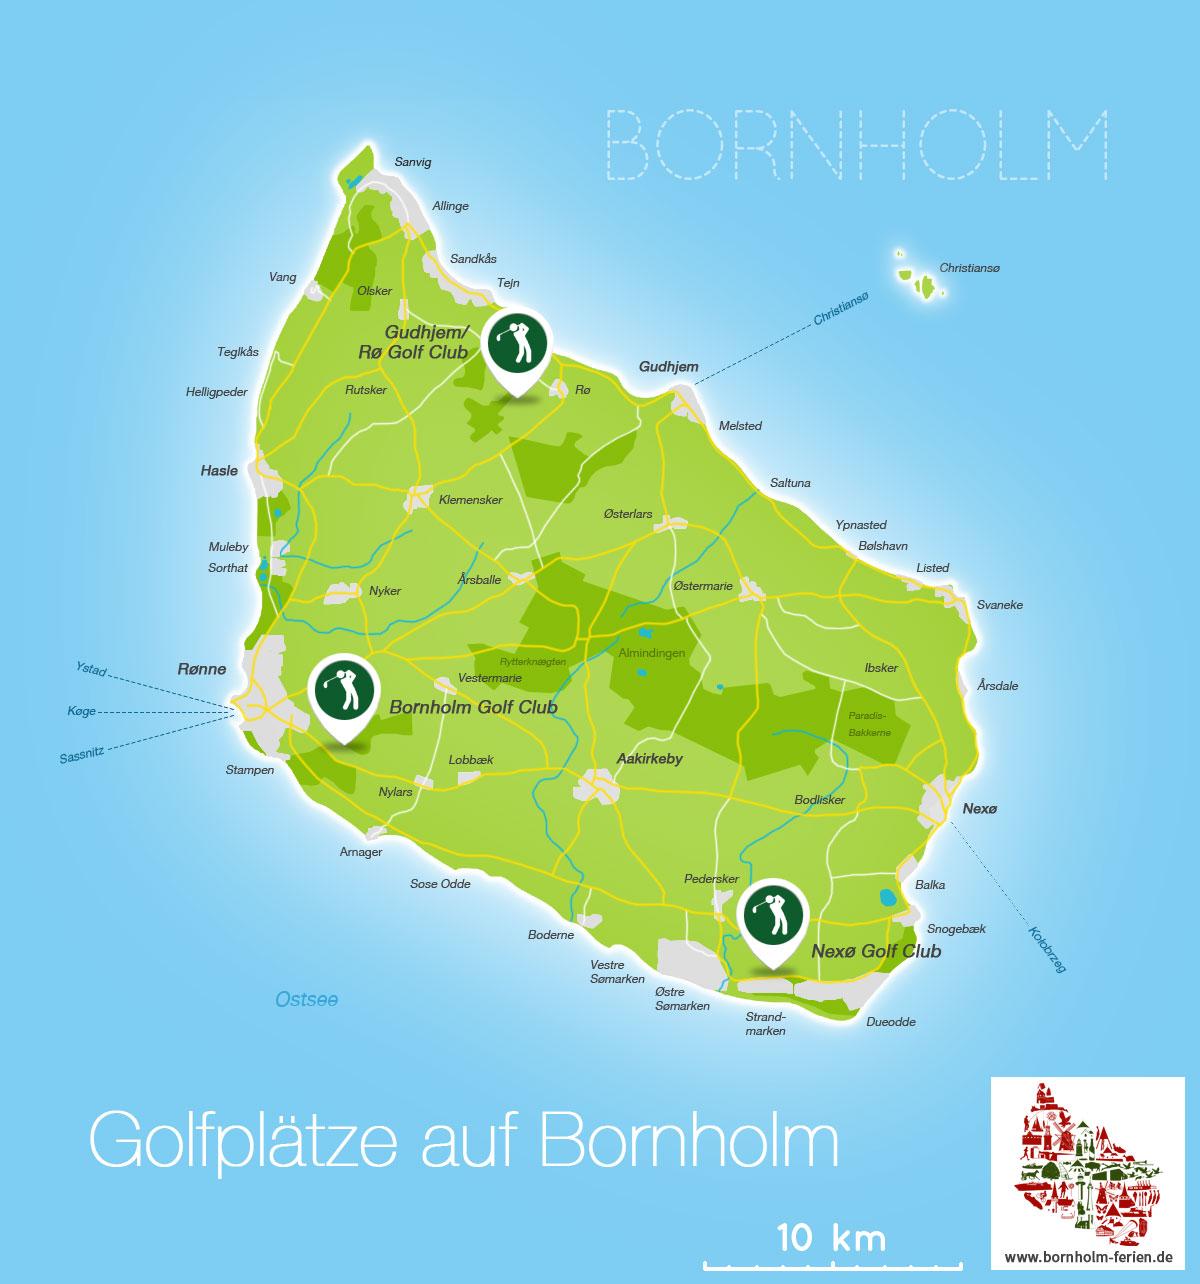 golfplätze dänemark karte Golfplätze & Golfclubs Insel Bornholm (Dänemark), Bornholm Golf